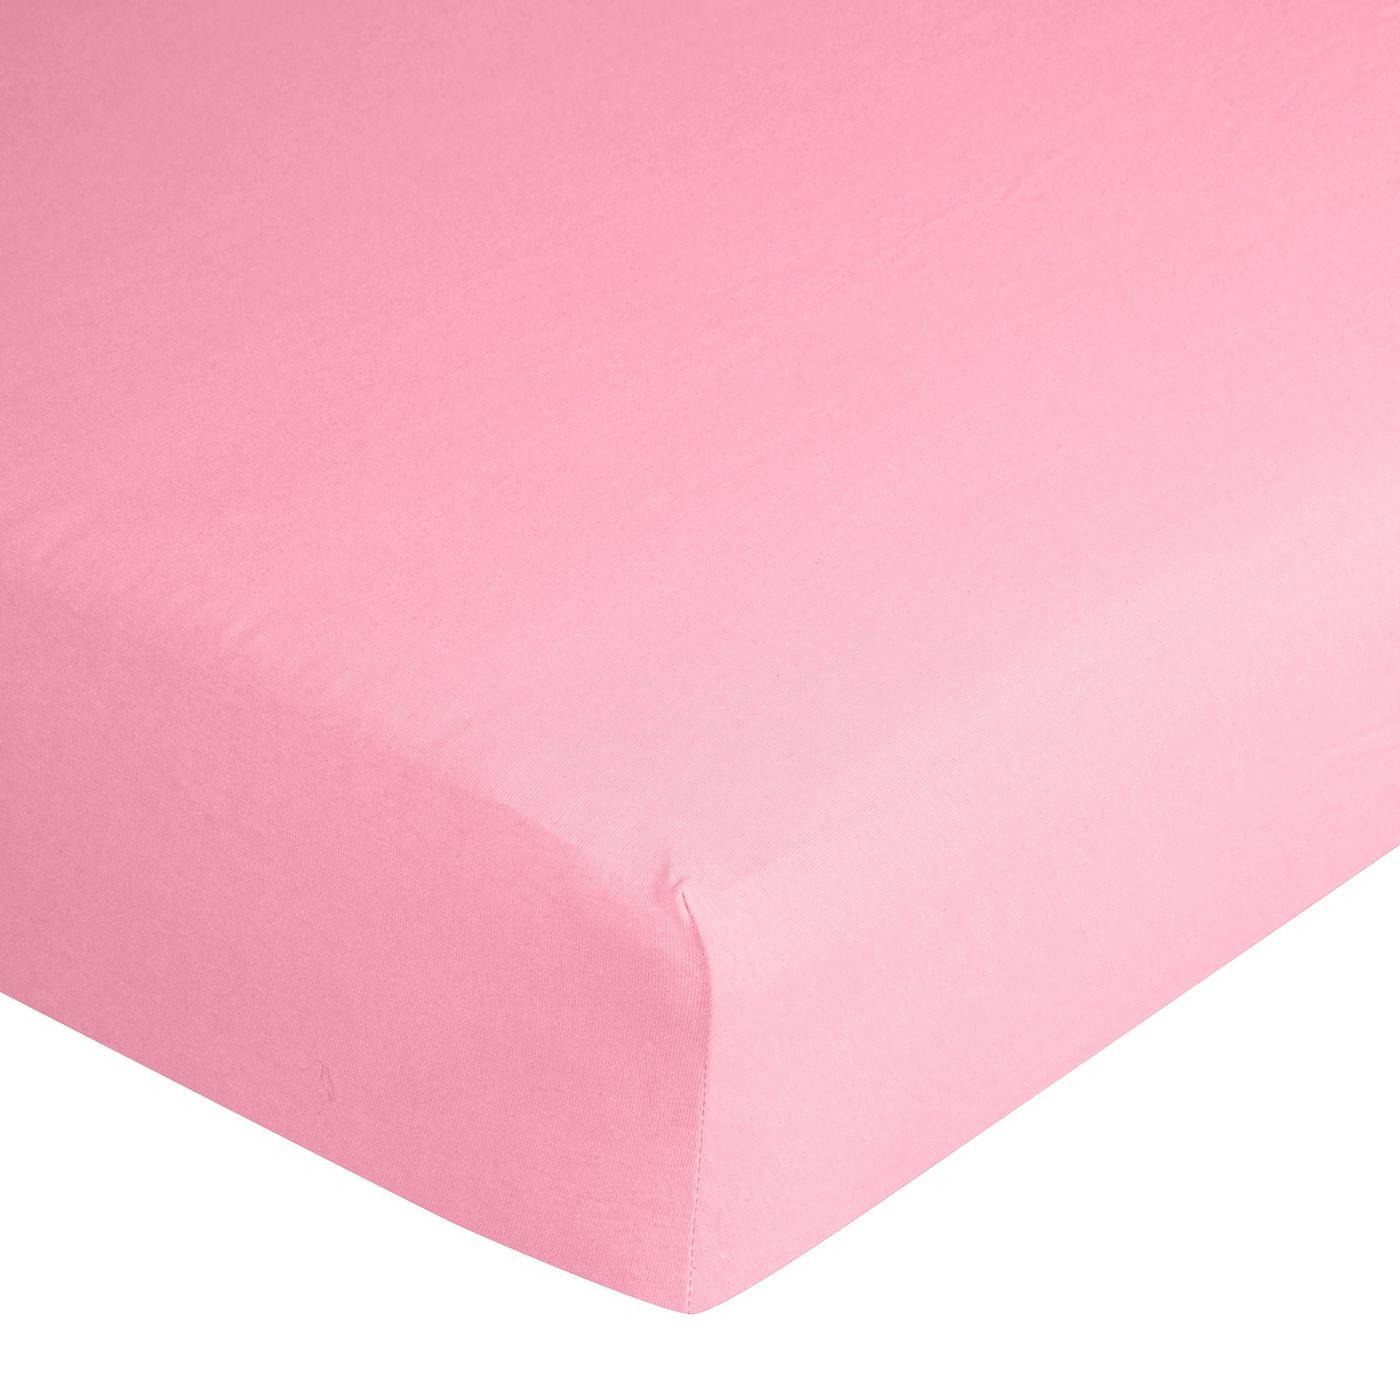 Prześcieradło bawełniane gładkie 180x200+25cm 140 kolor różowy